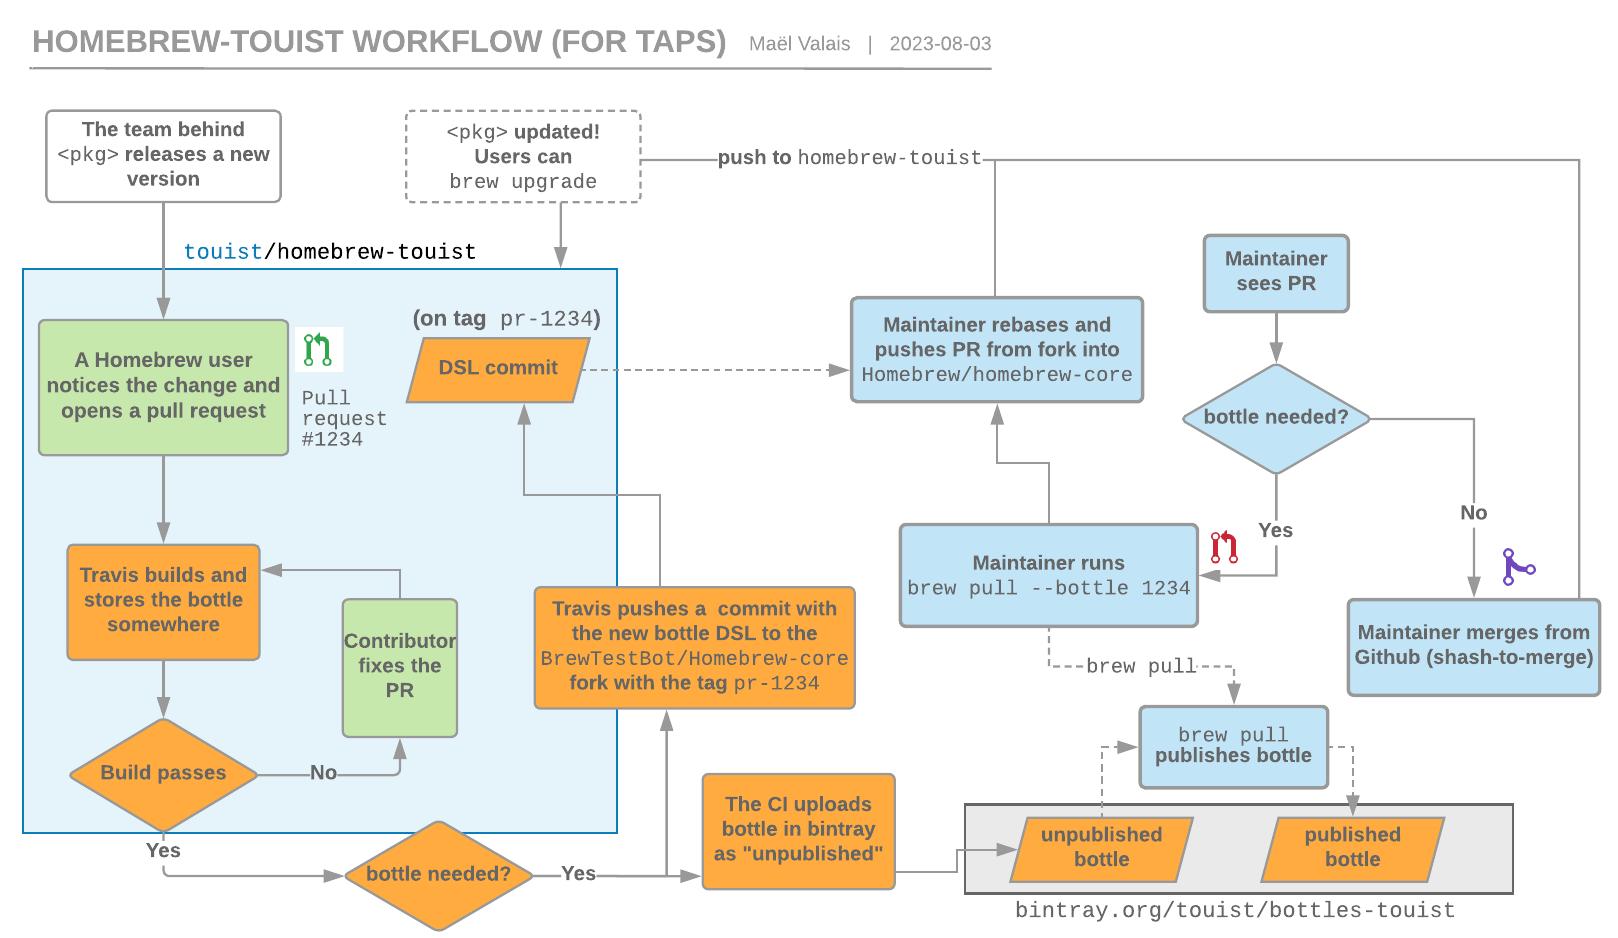 homebrew-touist workflow, a tap